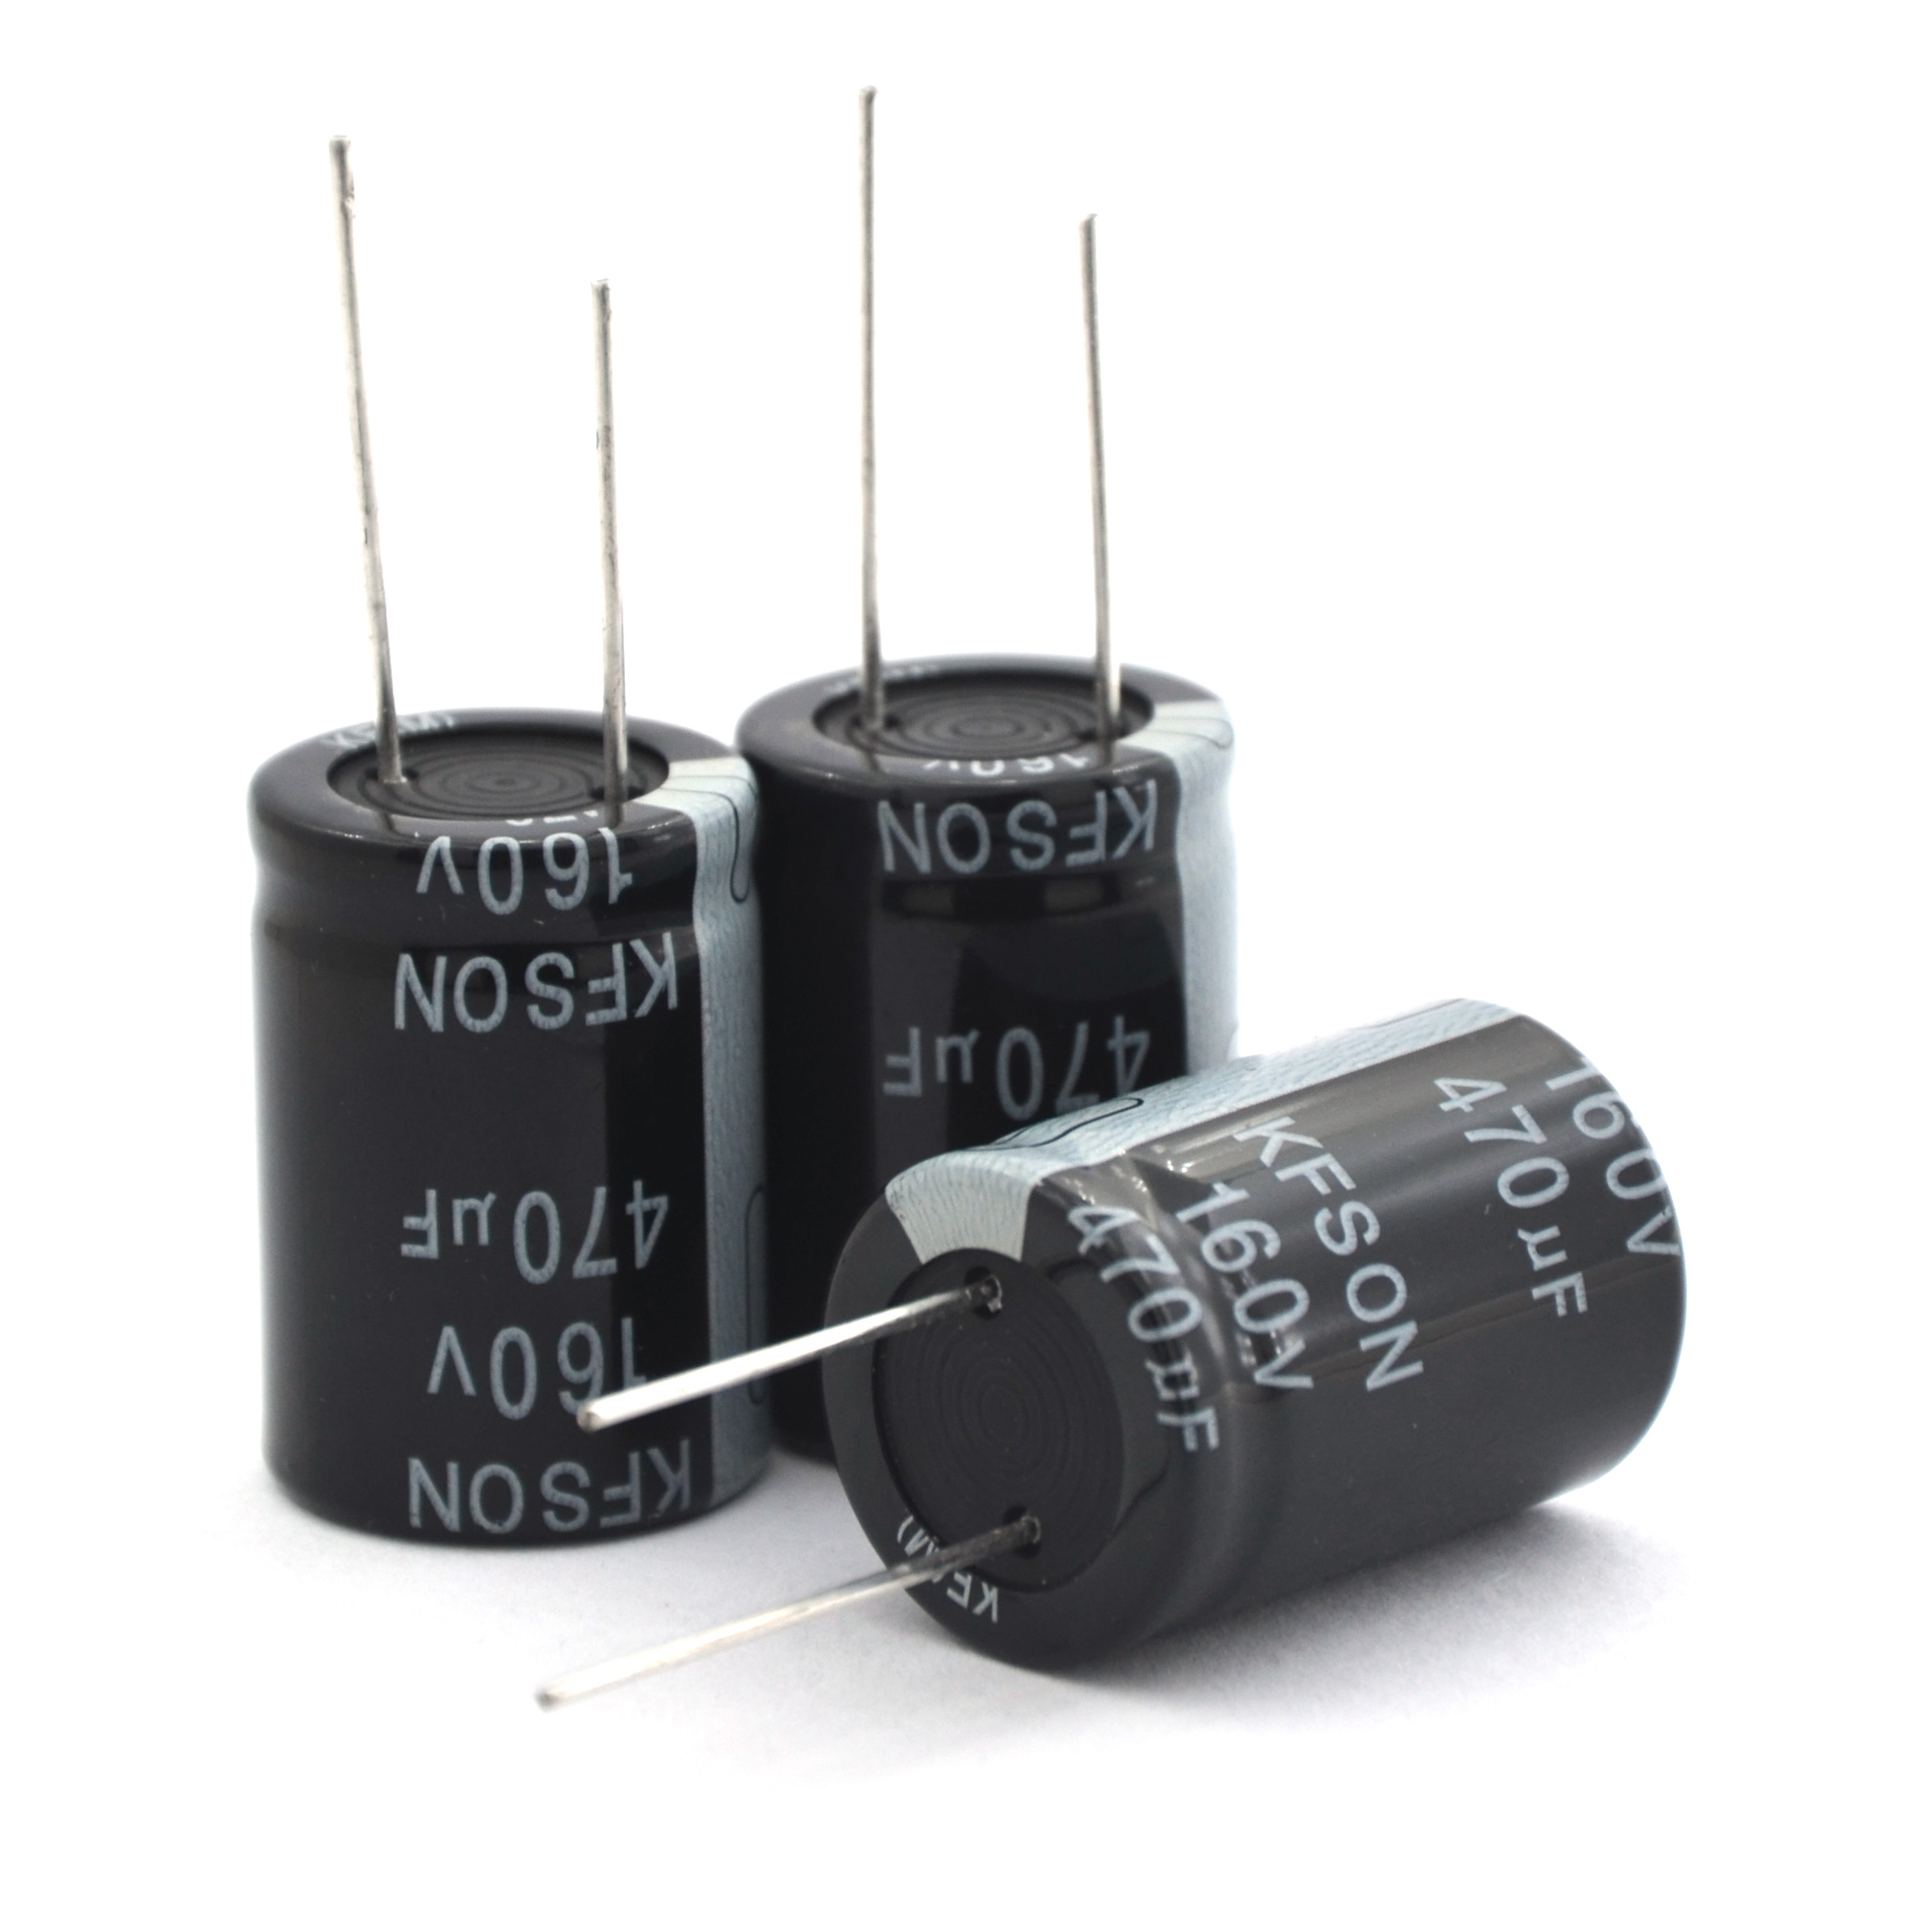 160v470uf电解电容器,电机驱动器专用KFSON康富松电容